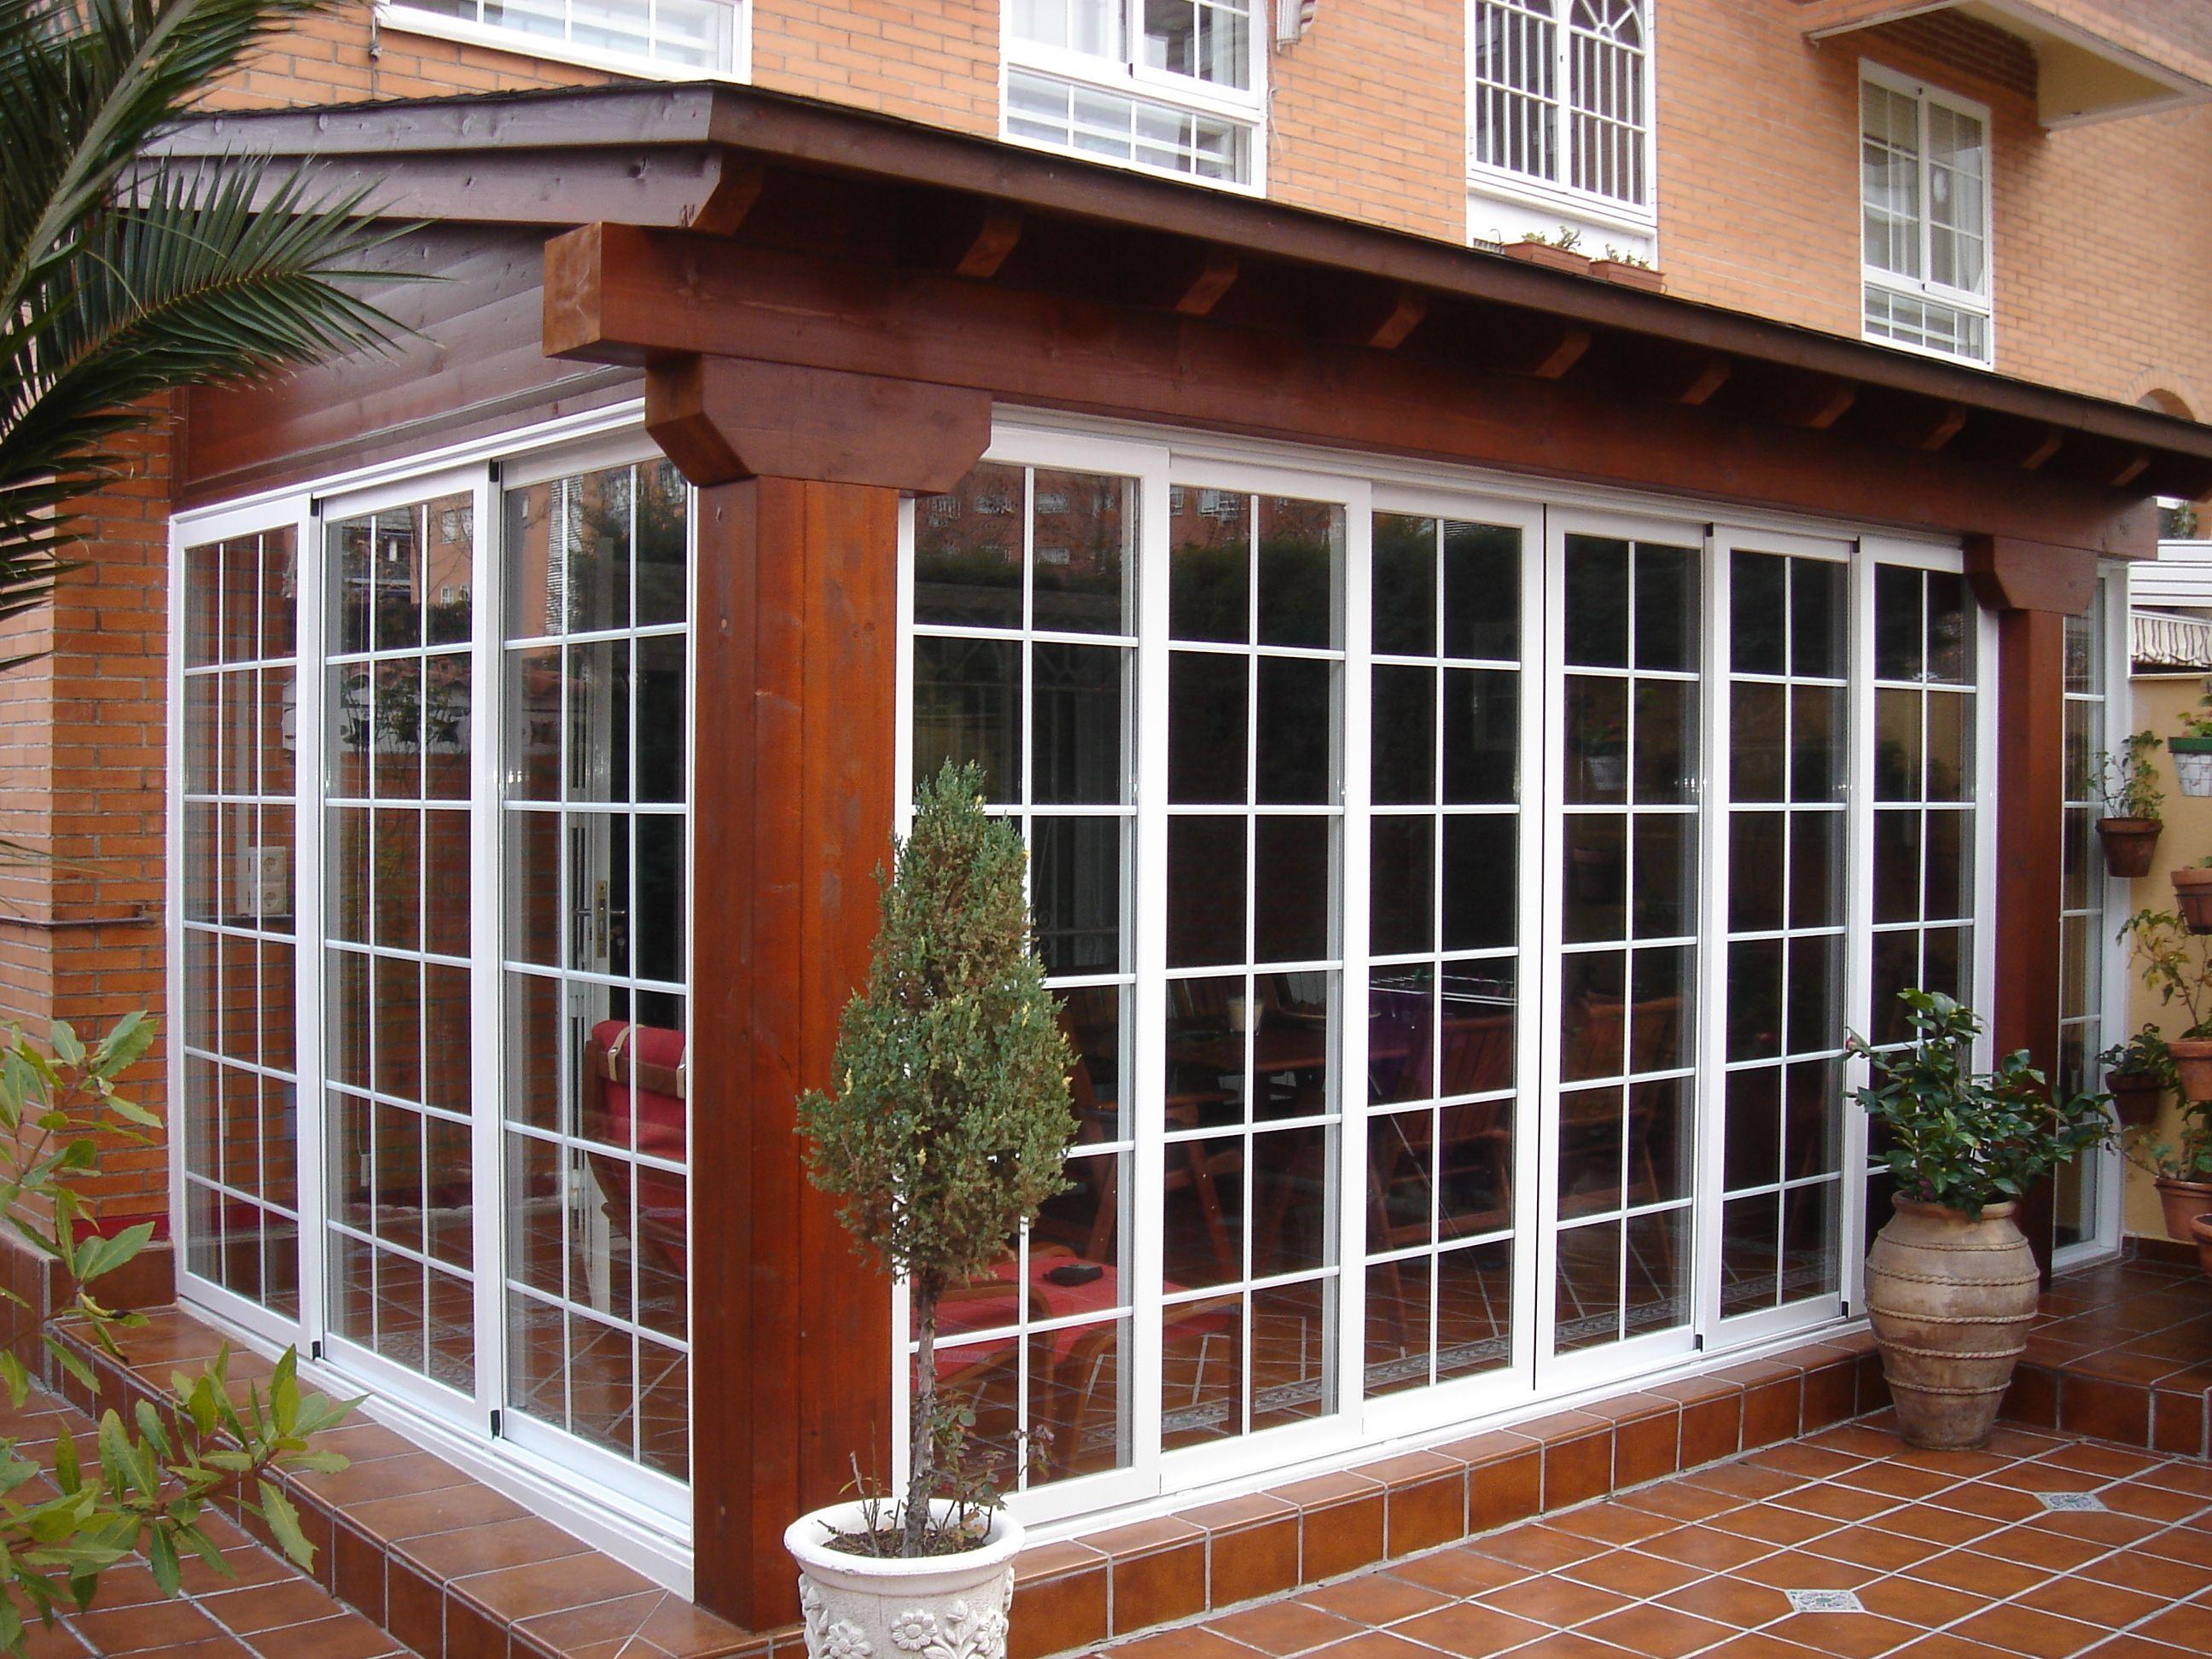 Cerramiento terrazas madera buscar con google madera for Cerramiento aluminio terraza